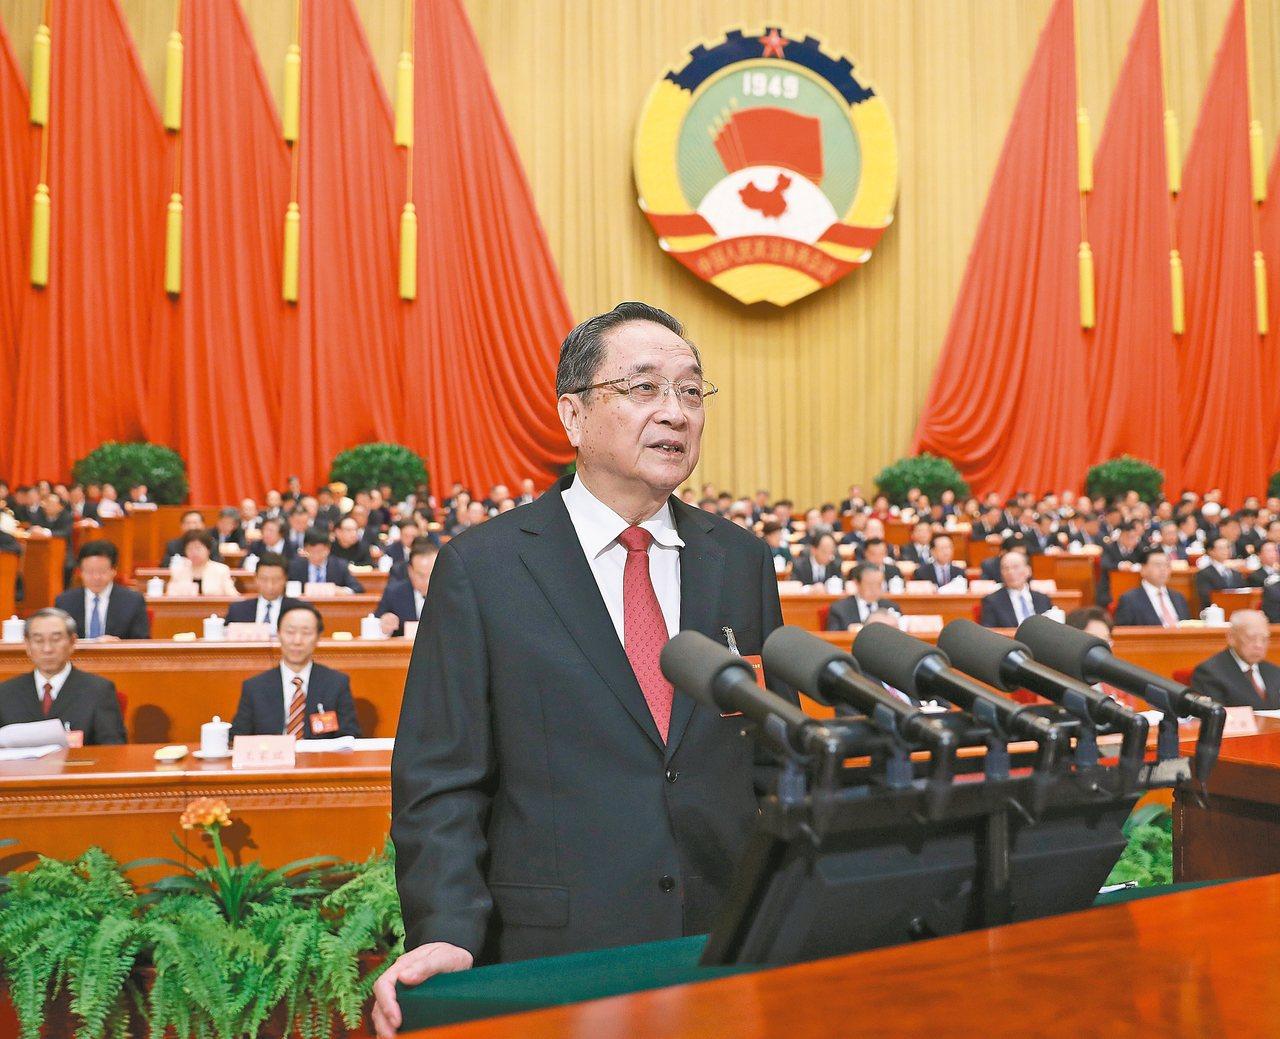 大陸全國政協第十二屆第五次會議昨開幕,政協主席俞正聲進行工作報告。 新華社